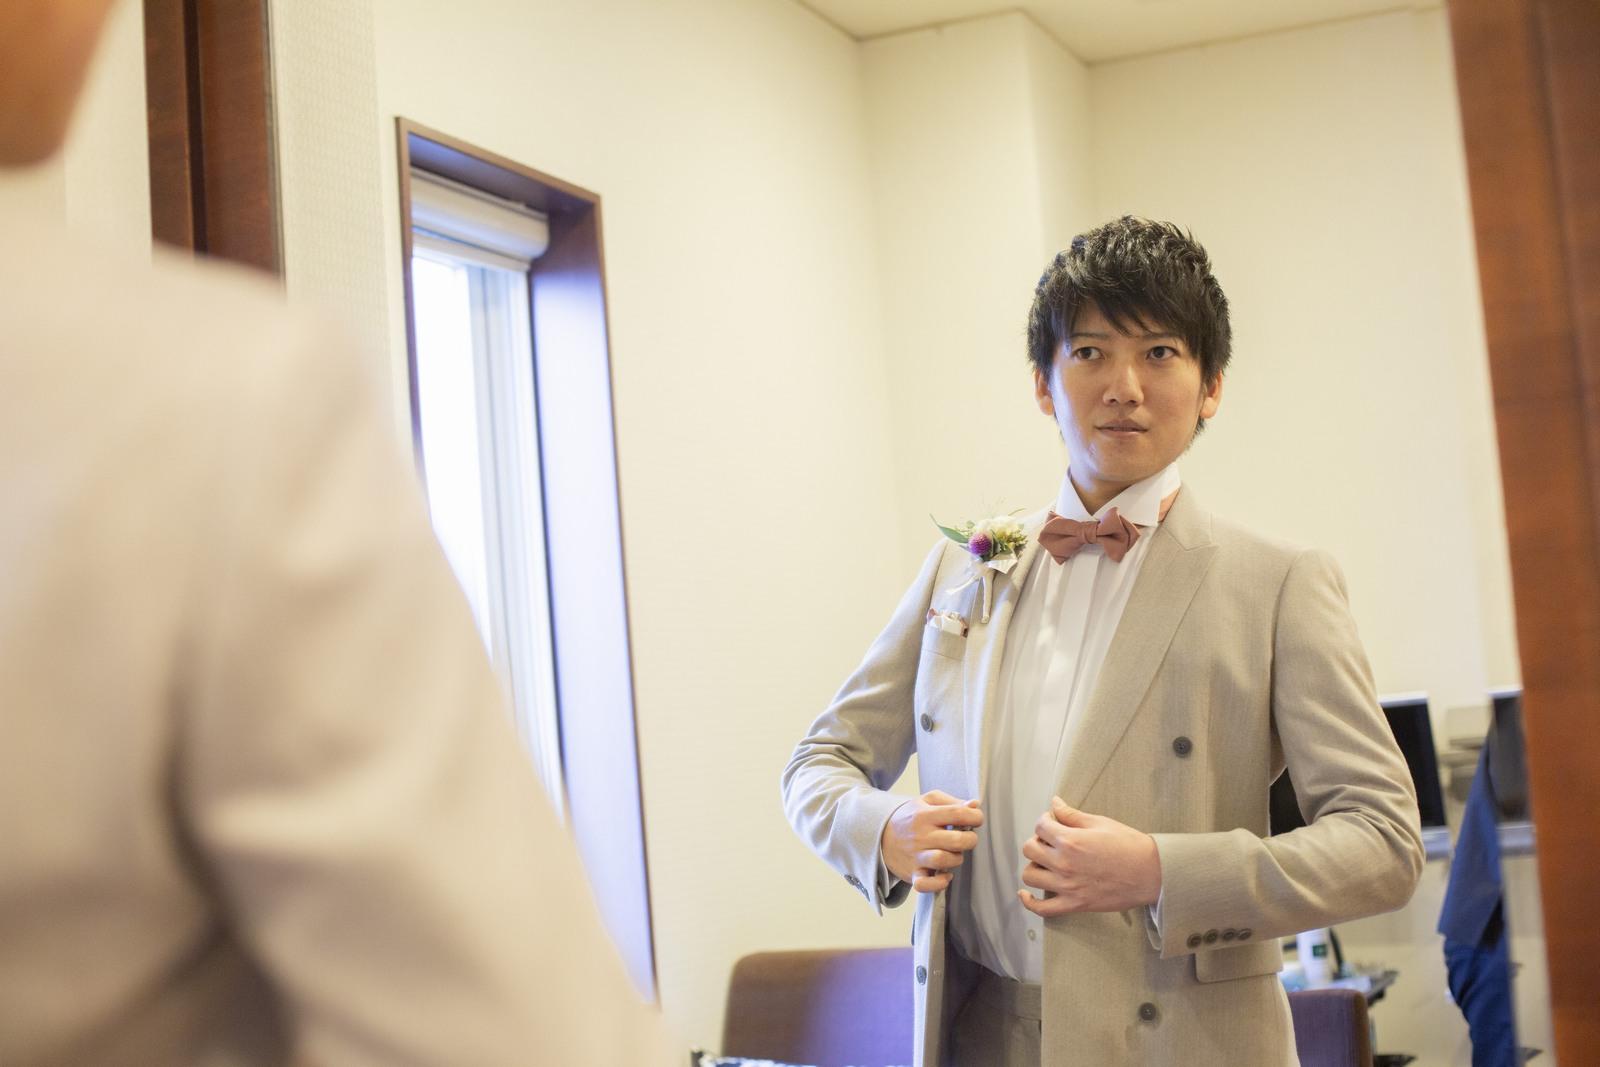 徳島市の結婚式場ブランアンジュで挙式前に控室で支度を整える新郎